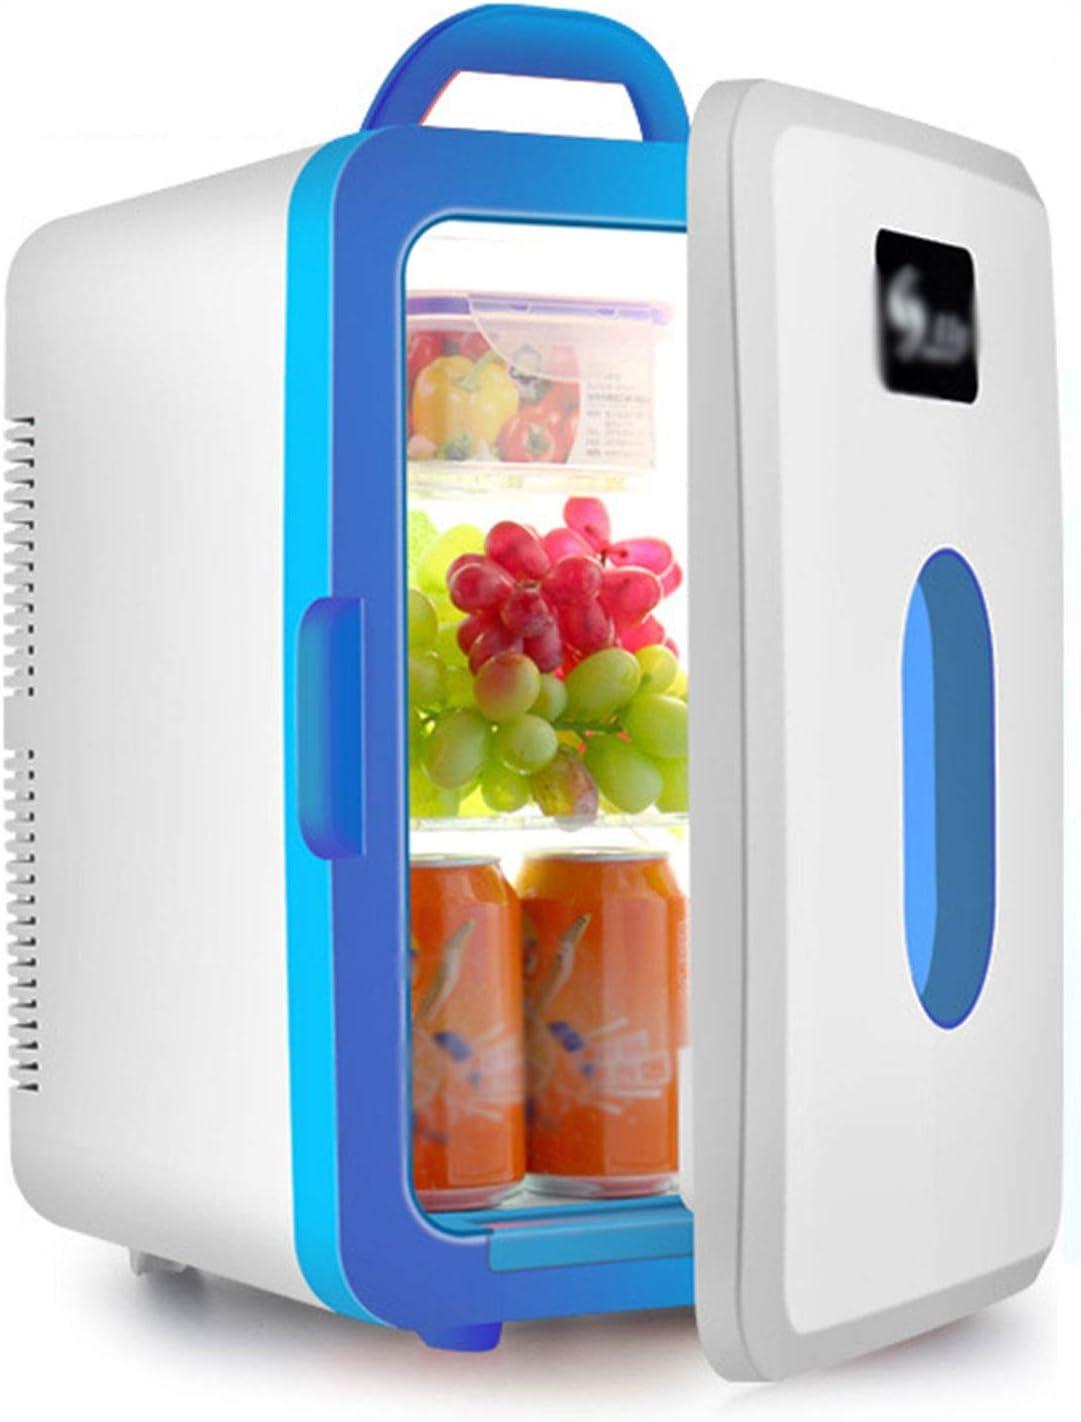 Sale special Sacramento Mall price 16L Large Capacity Car Freezer 12V Portable 220V Refrigerator wi